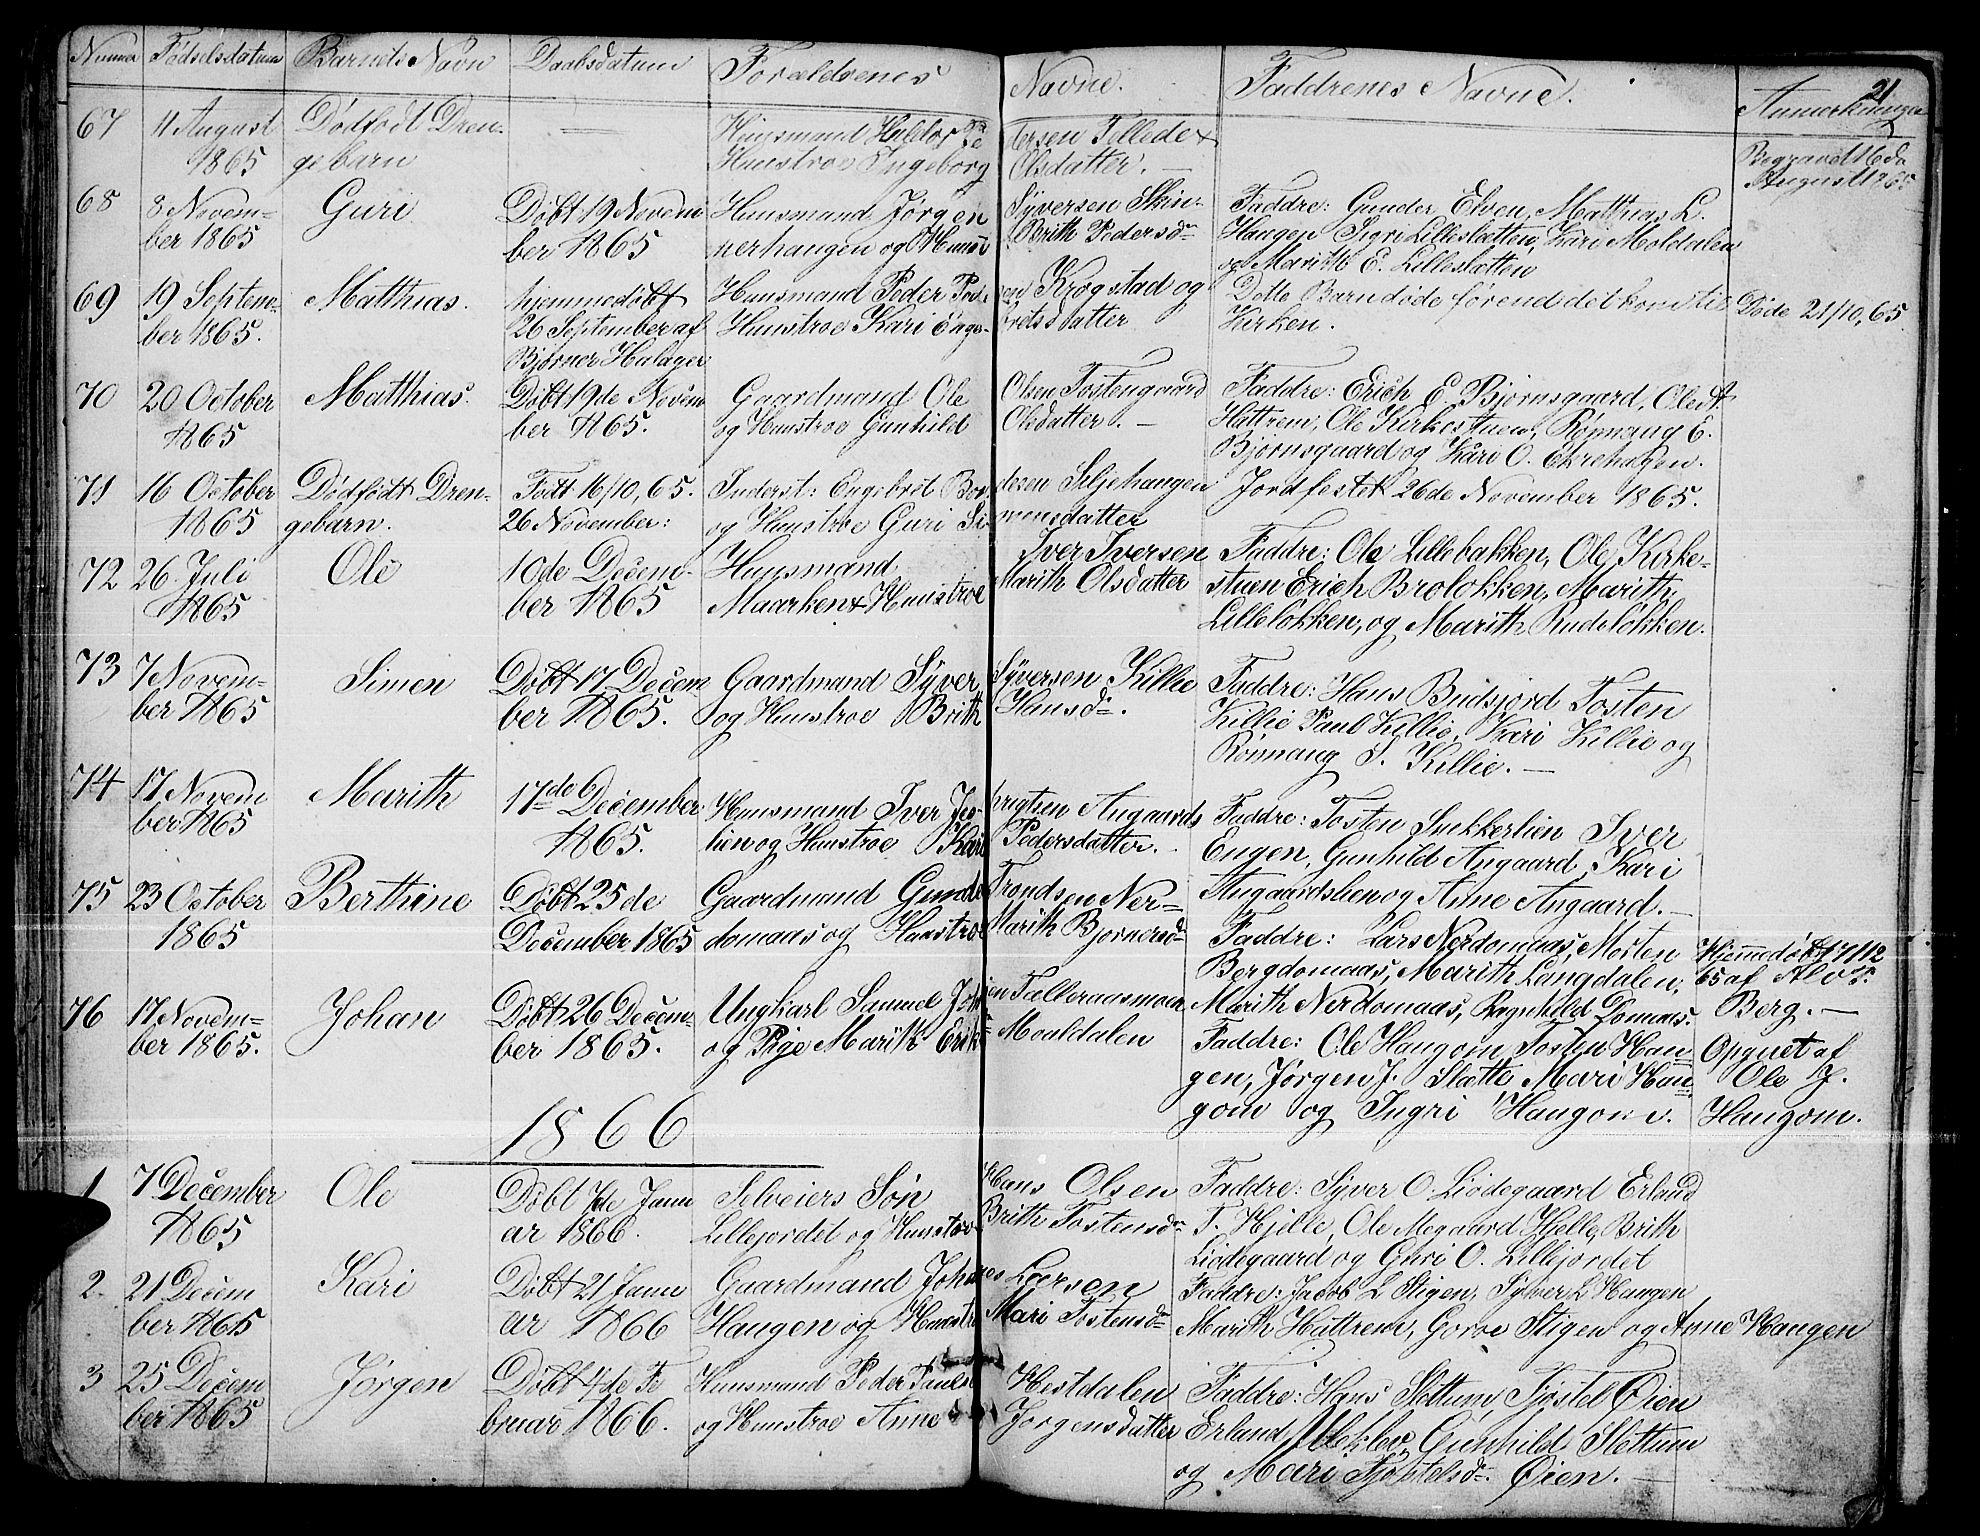 SAH, Dovre prestekontor, Klokkerbok nr. 1, 1862-1880, s. 21